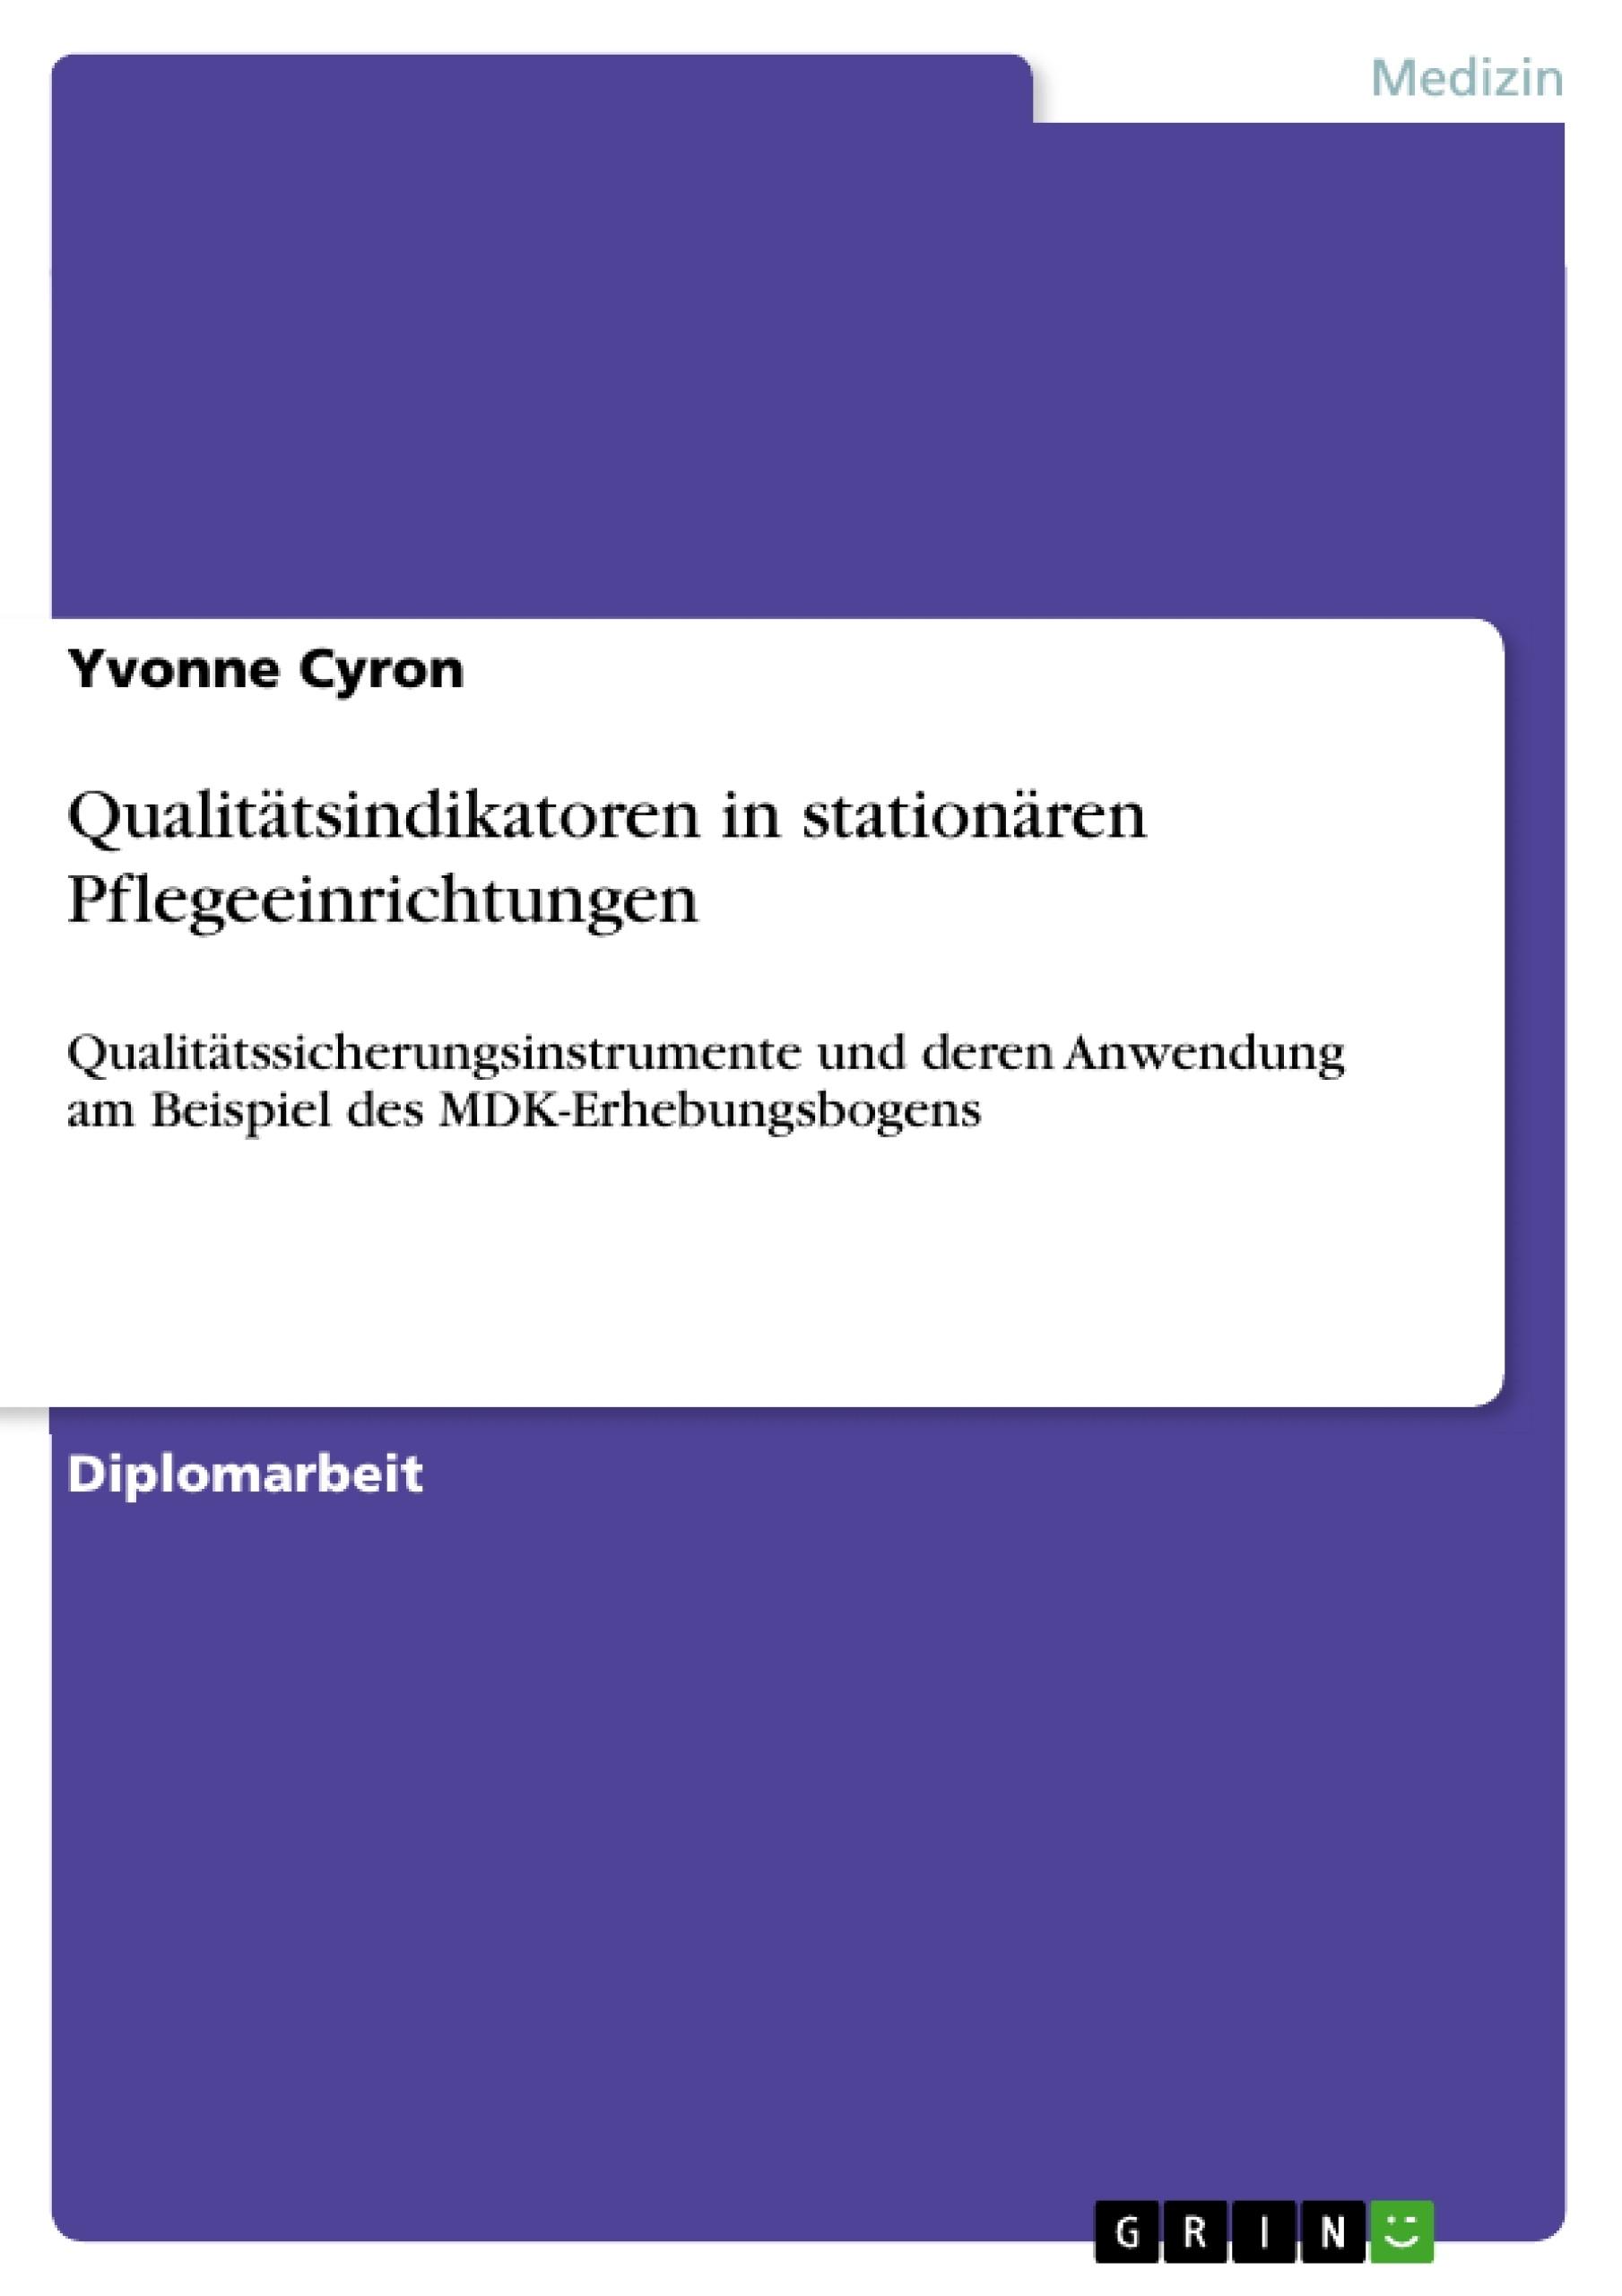 Titel: Qualitätsindikatoren in stationären Pflegeeinrichtungen